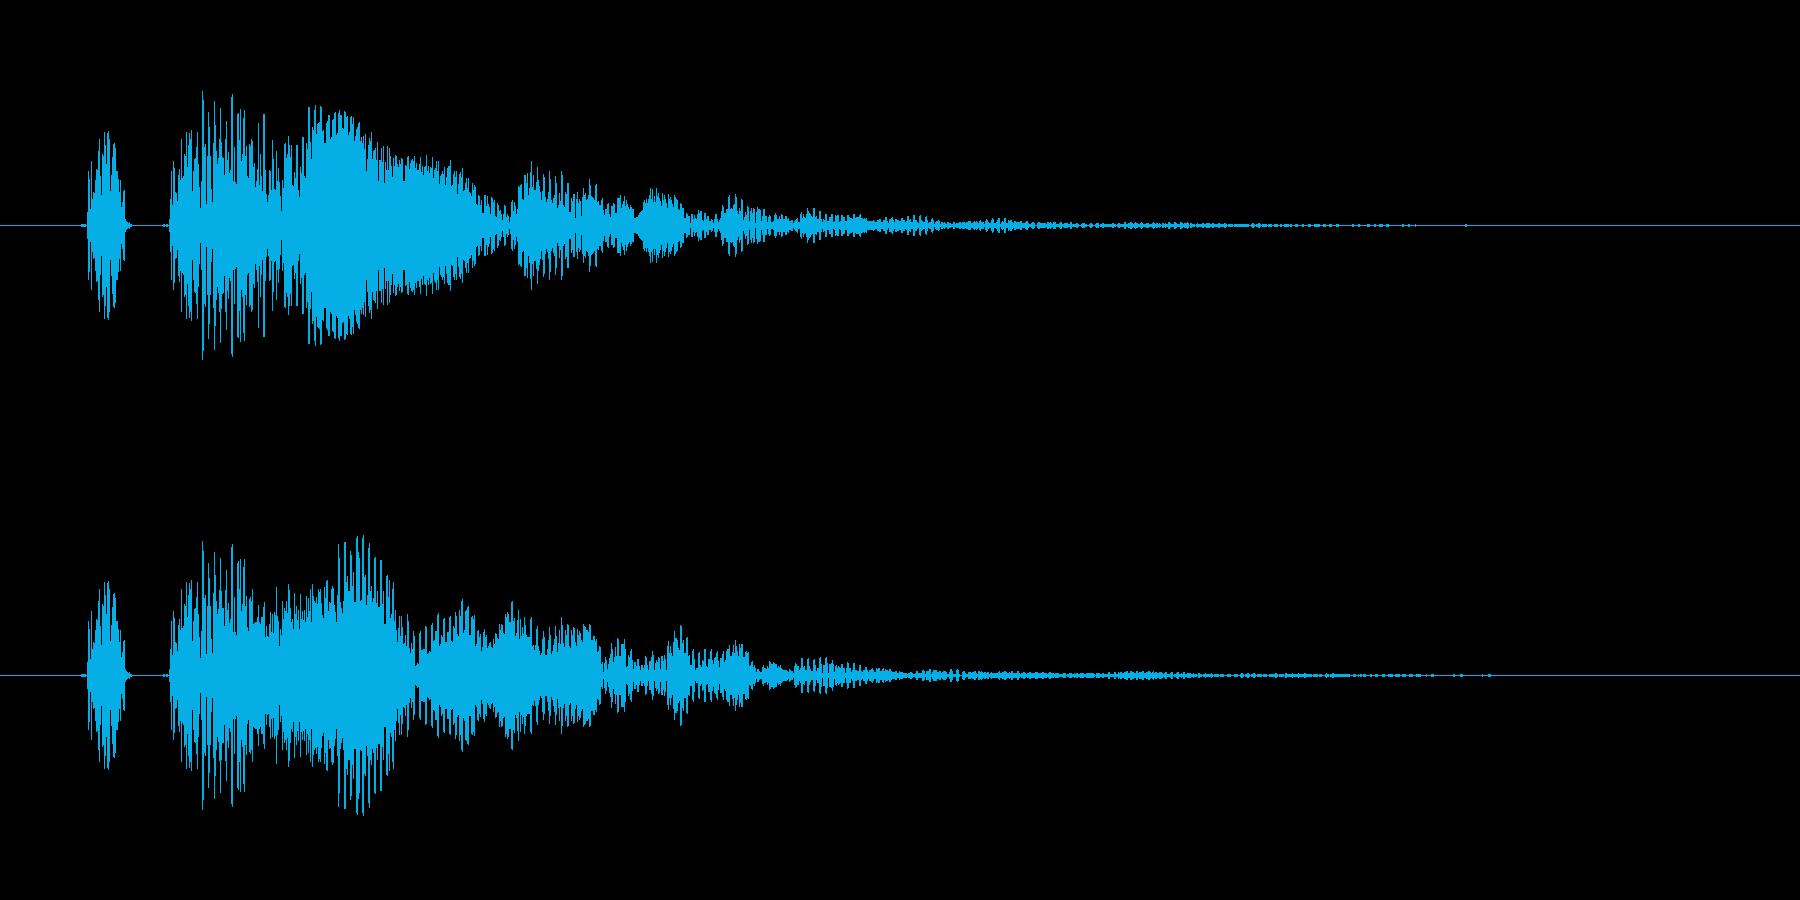 【ポン!】とてもリアルな太鼓の鼓!の再生済みの波形